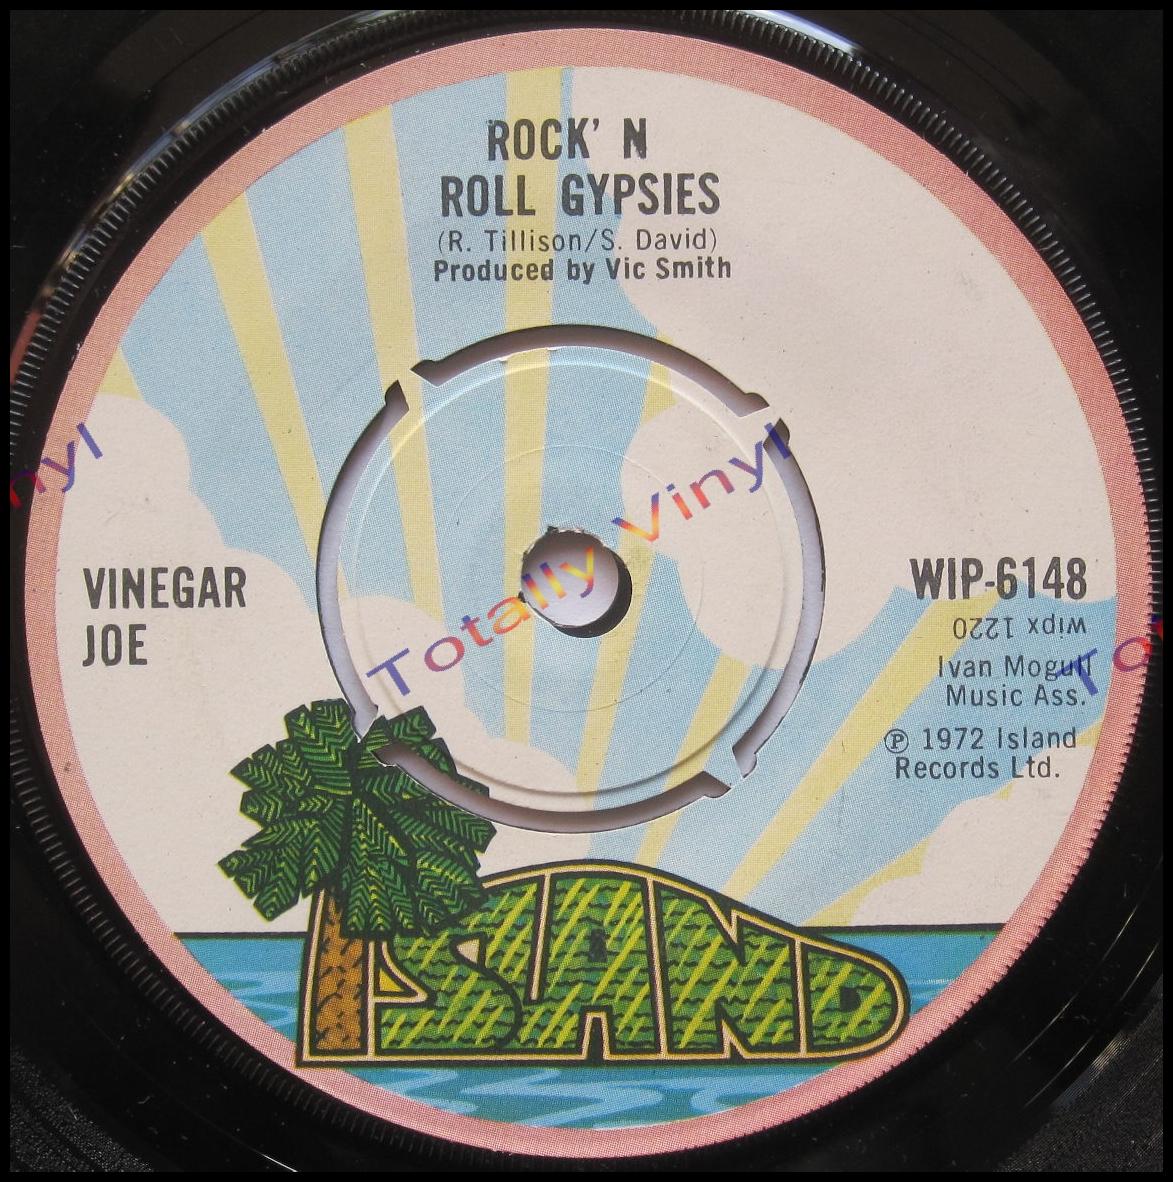 Totally Vinyl Records Vinegar Joe Rock N Roll Gypsies